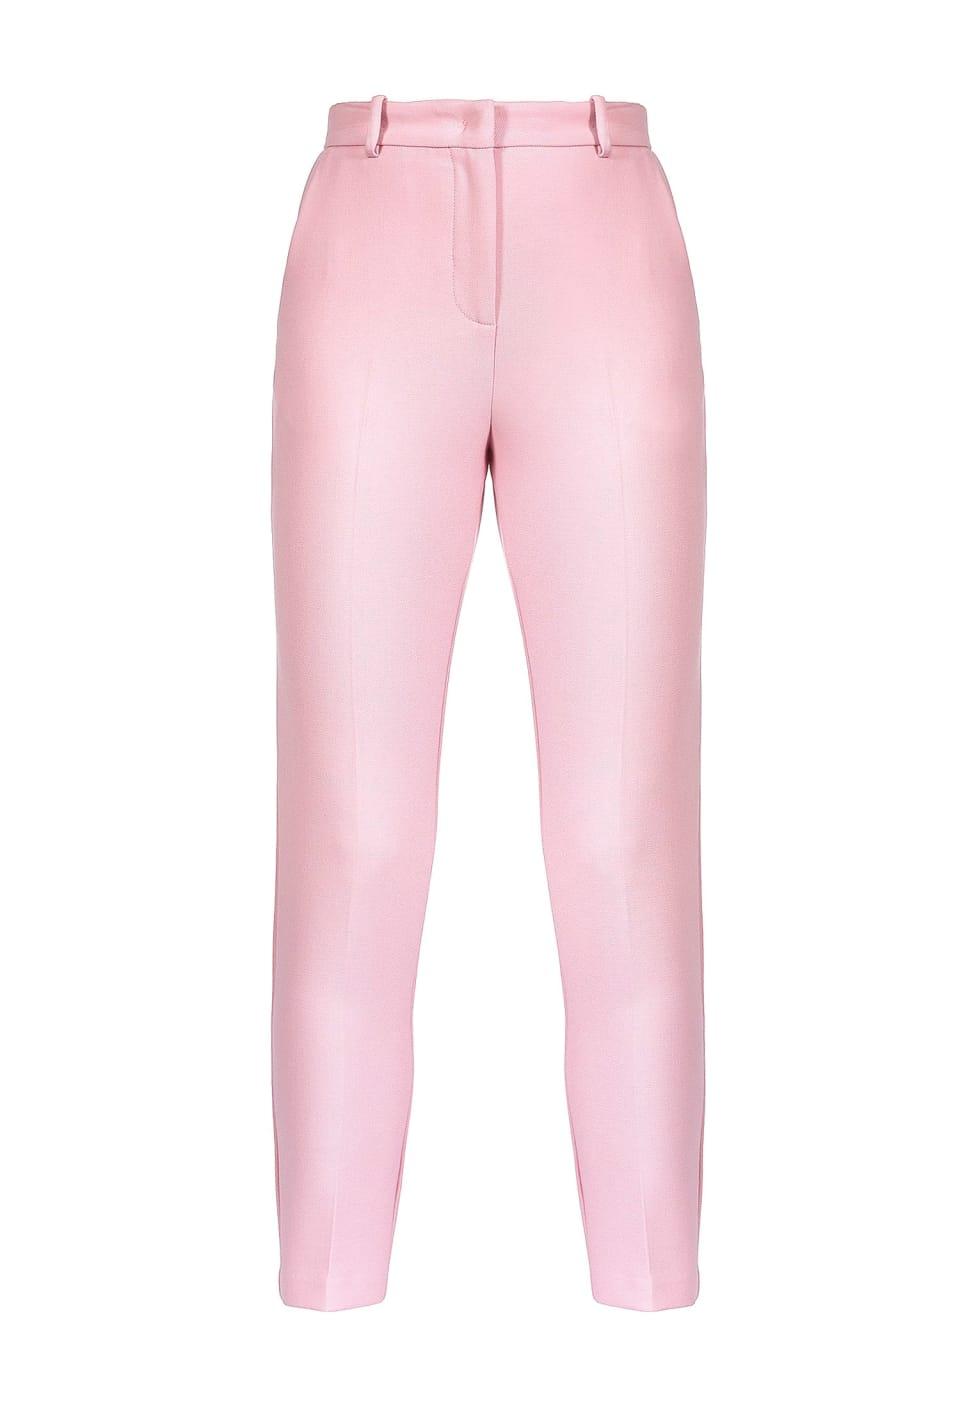 Pantalón de tejido doble